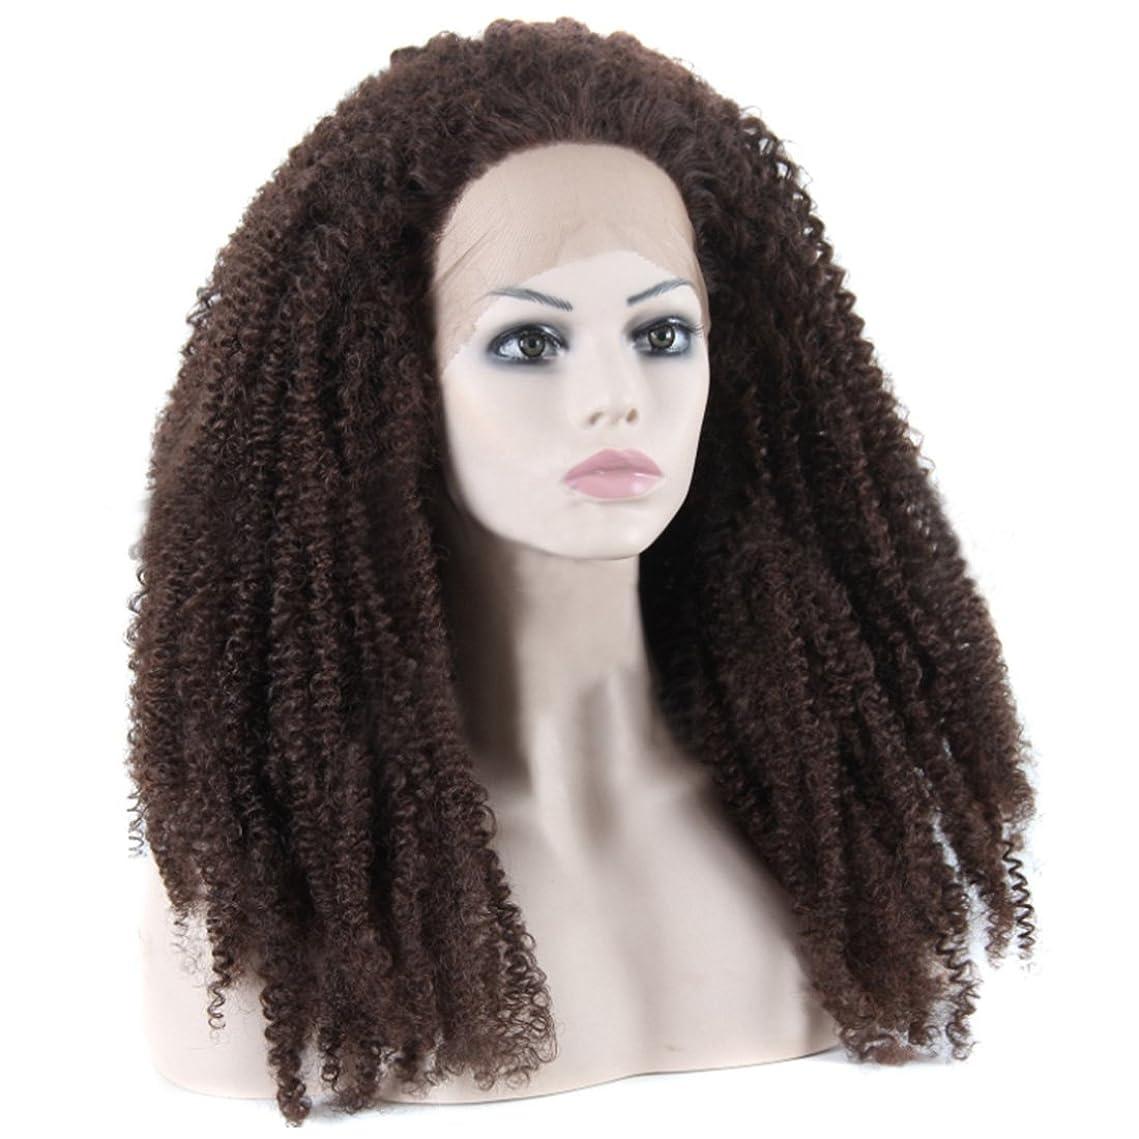 矢追い越すバーガーJIANFU 320g女性のためのロングウィッグレースのフロントヘアアフリカスモールロールウィッグナチュラルブラックとブラウンカーリーウィッグフルハウス織りの髪 (Color : Black and brown)